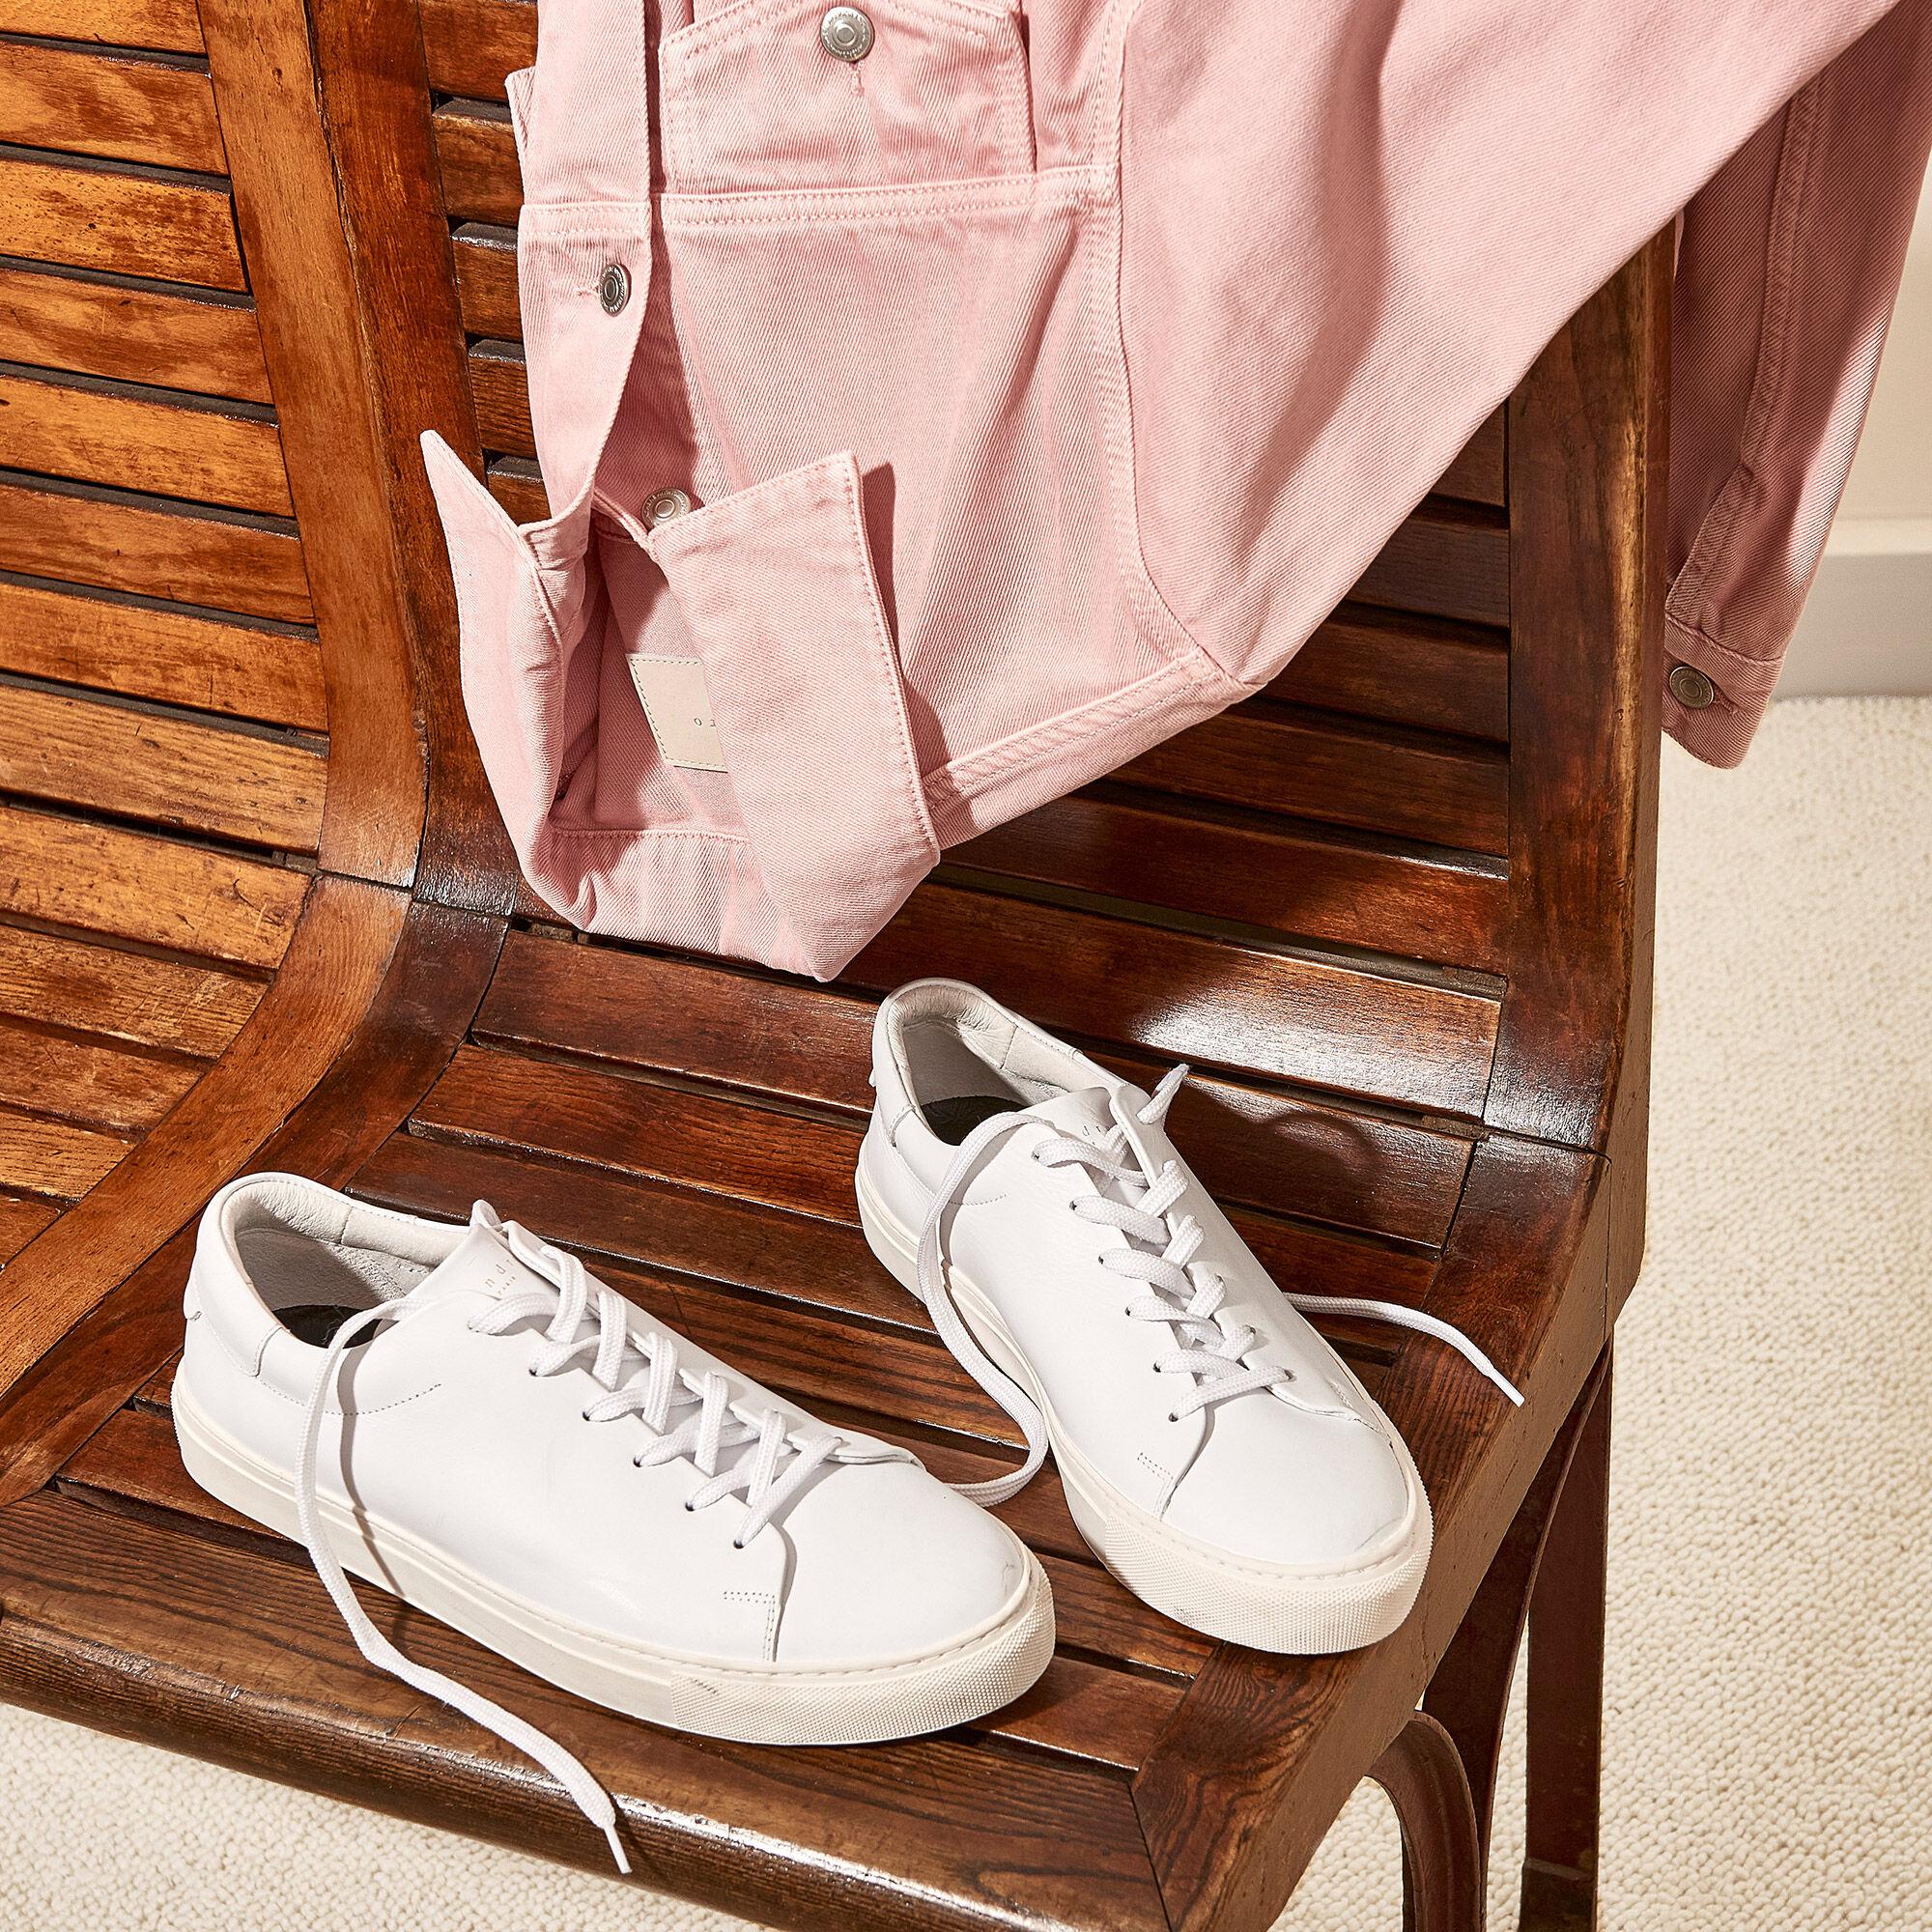 Soldes Pour La De Collection Paris À Chaussures Sandro z5qwdz